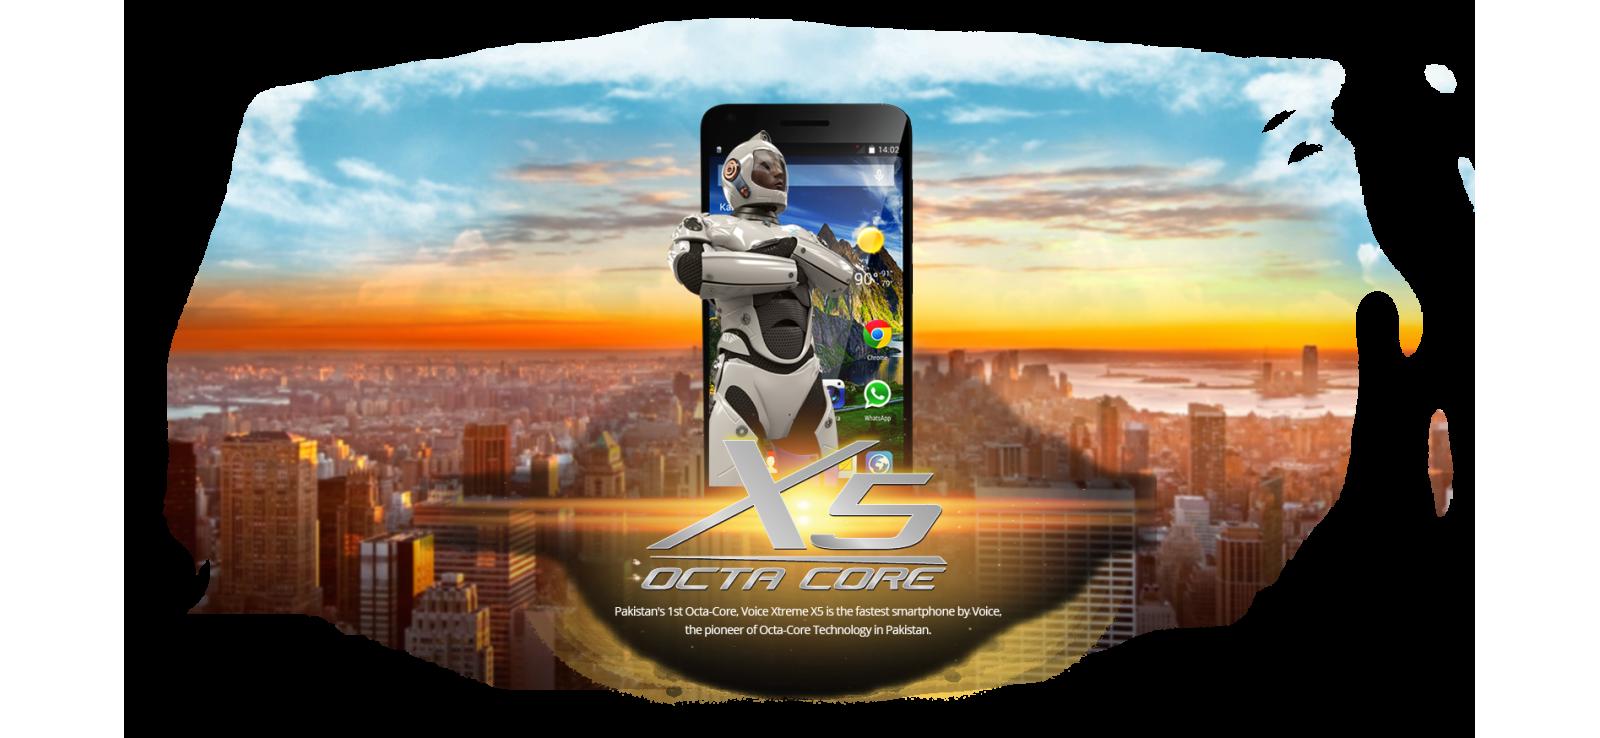 X5 Octa Core